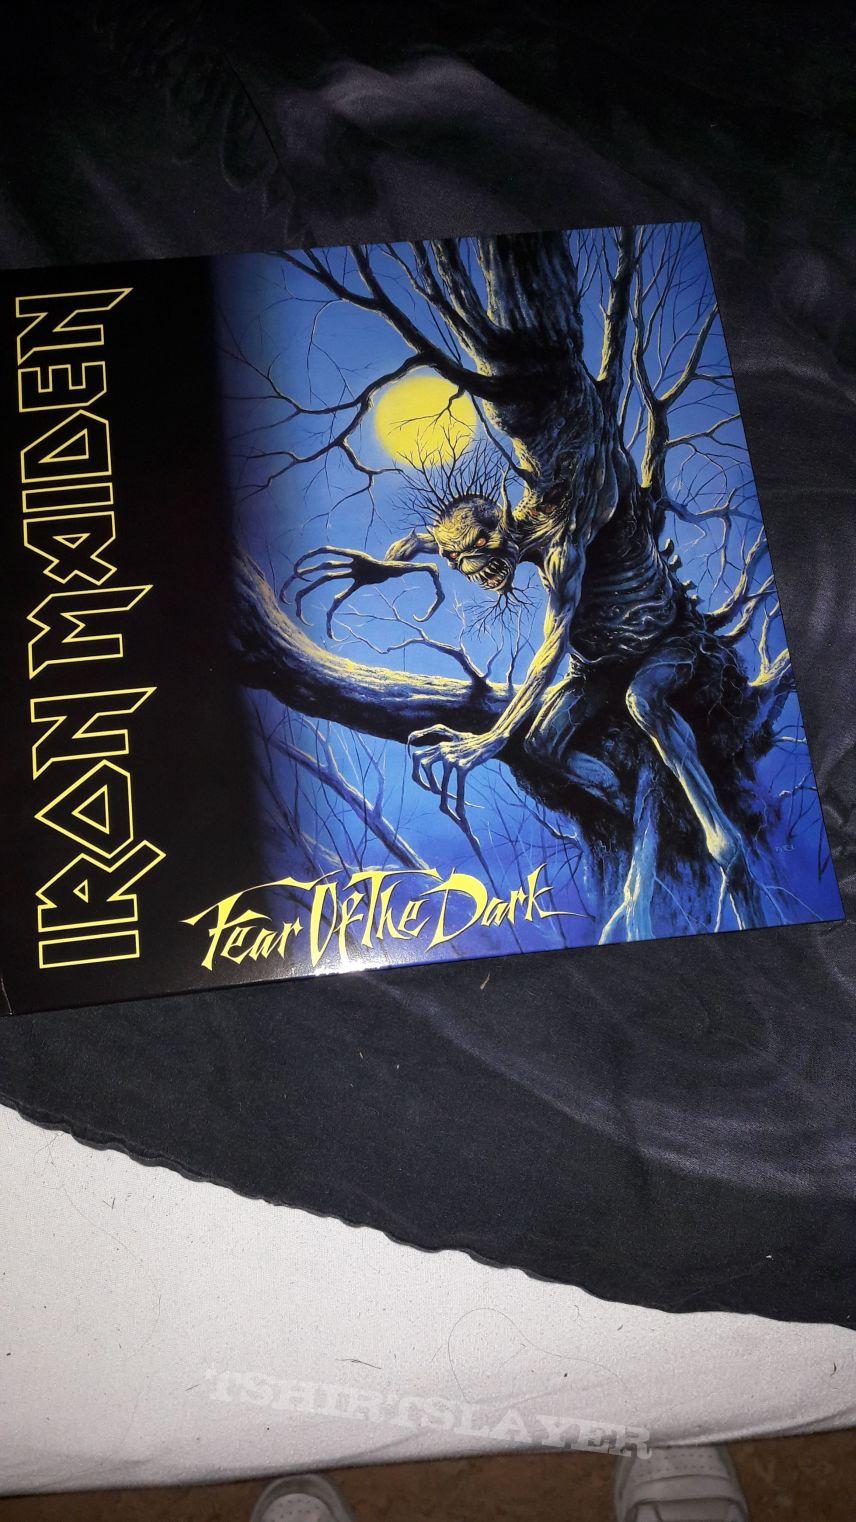 Iron Maiden Fear Of the Dark Vinyl